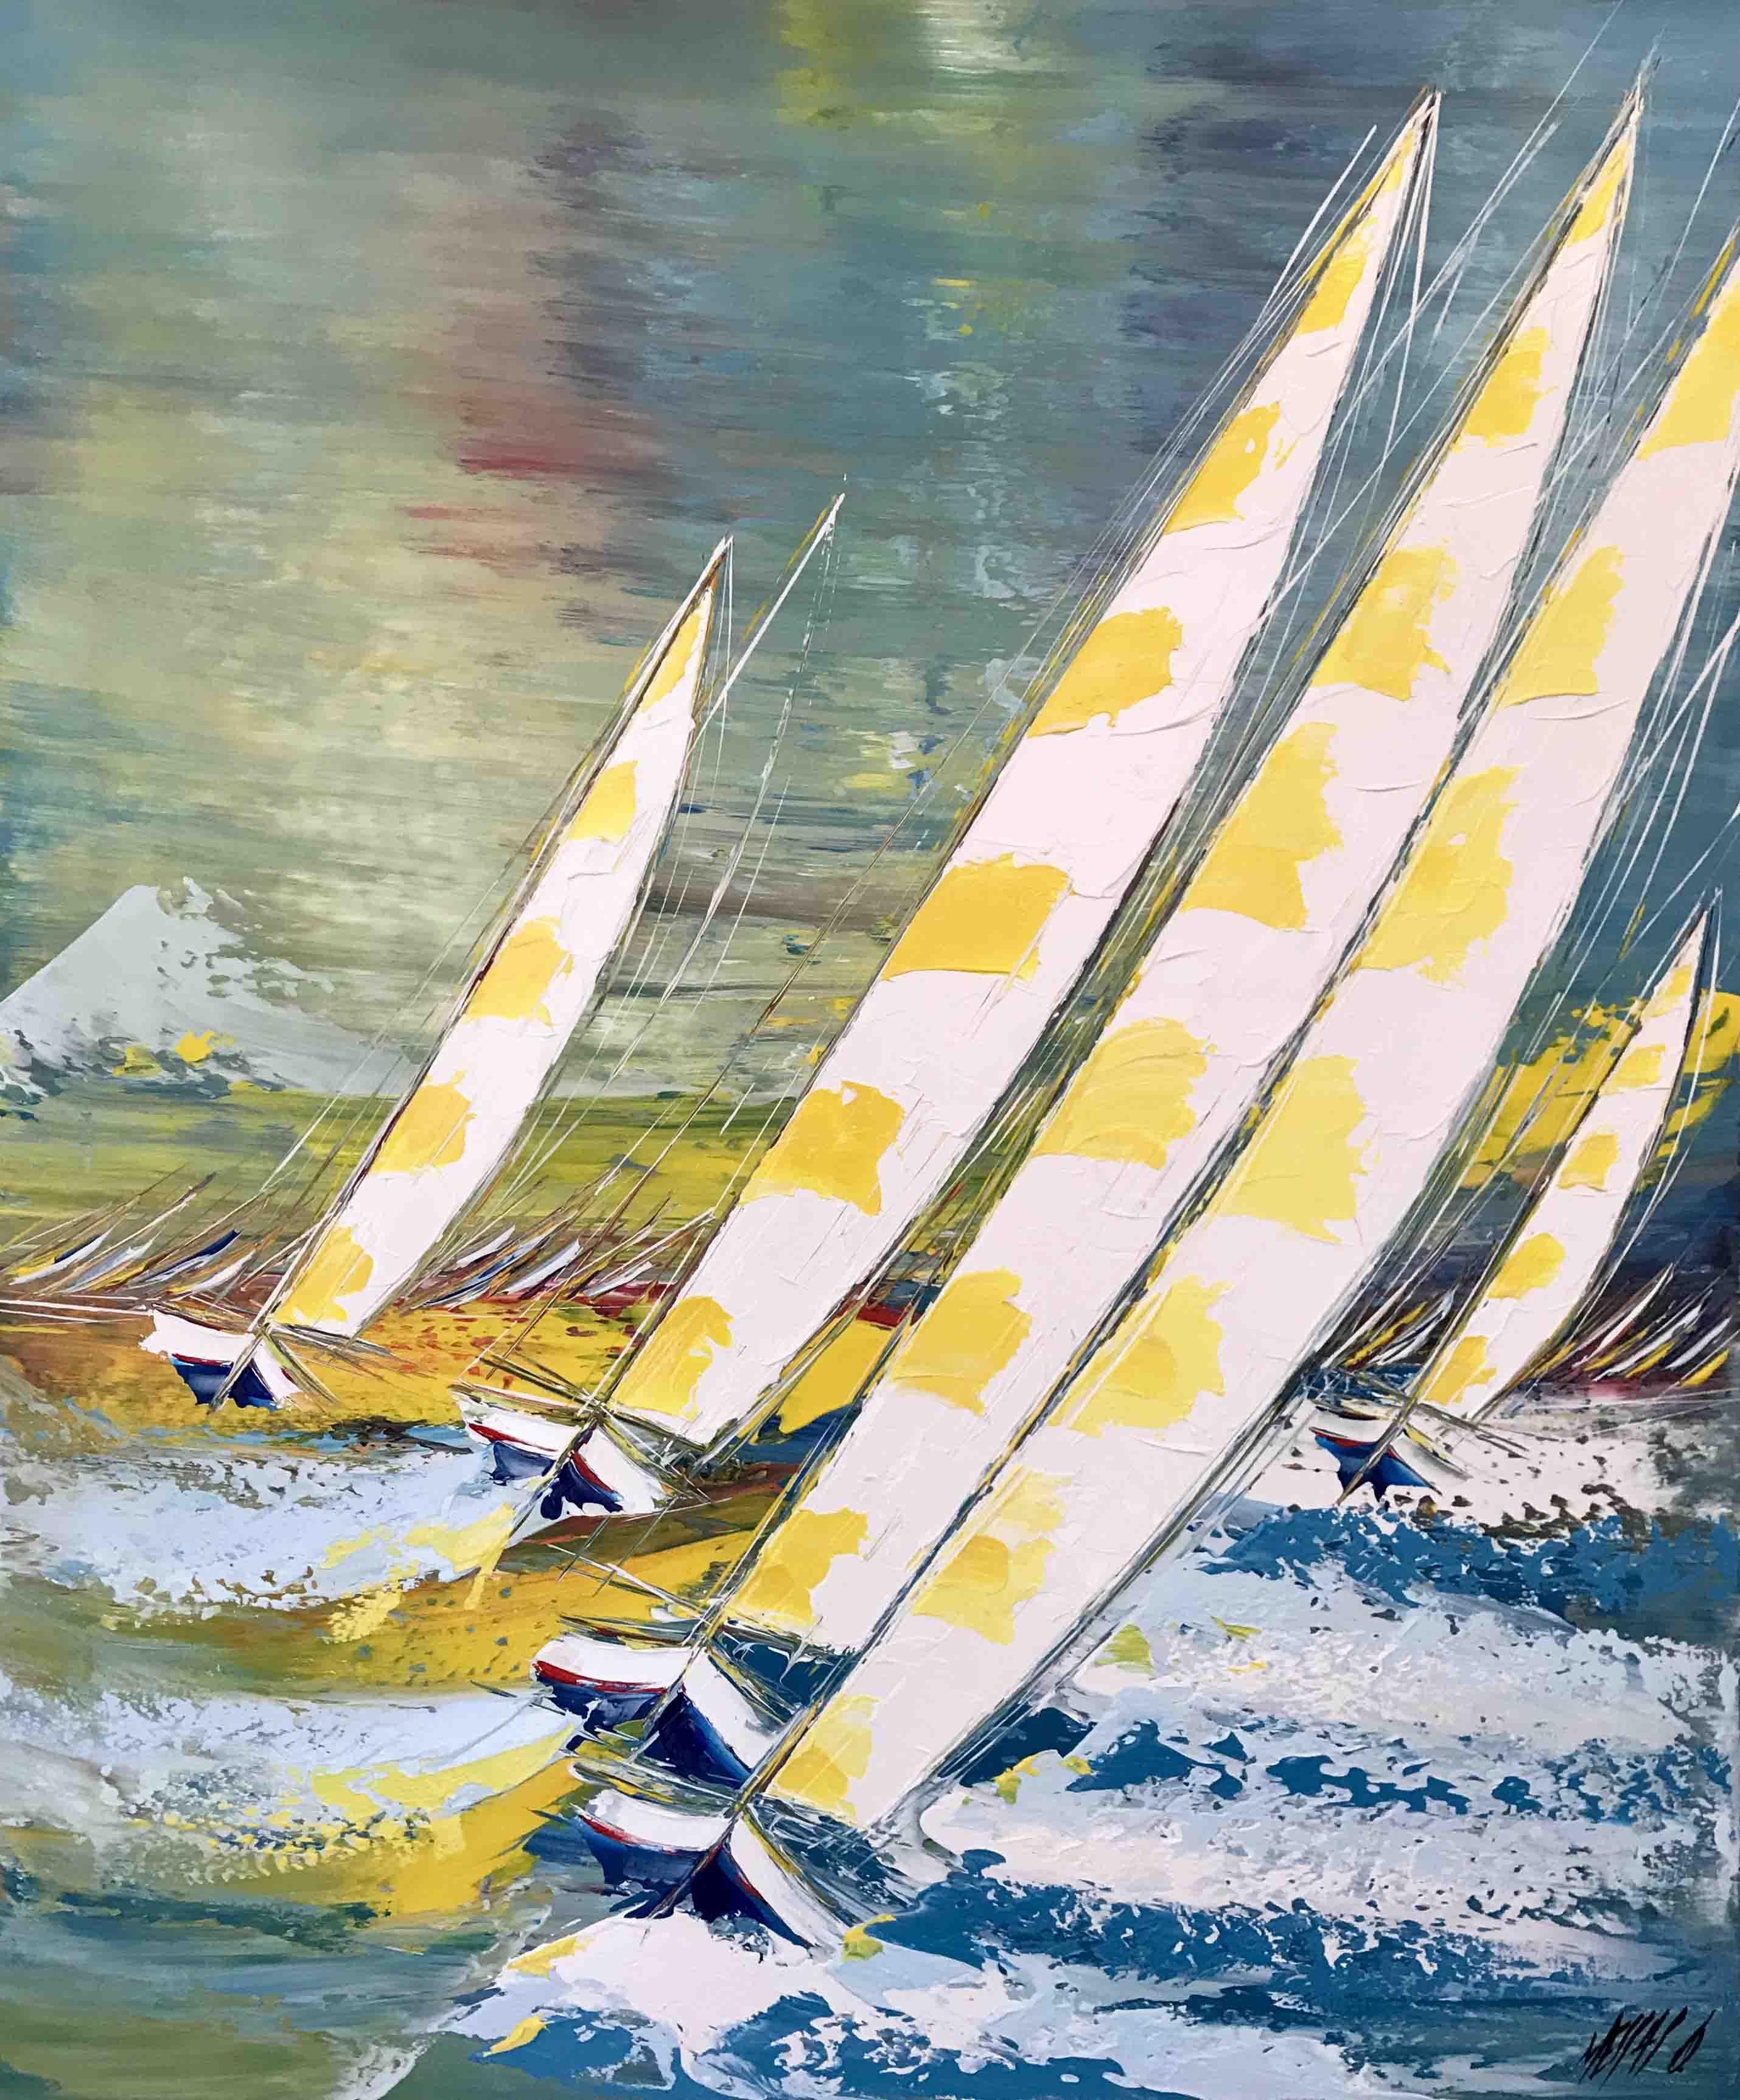 Les voiles de Saint-Tropez, 120x100